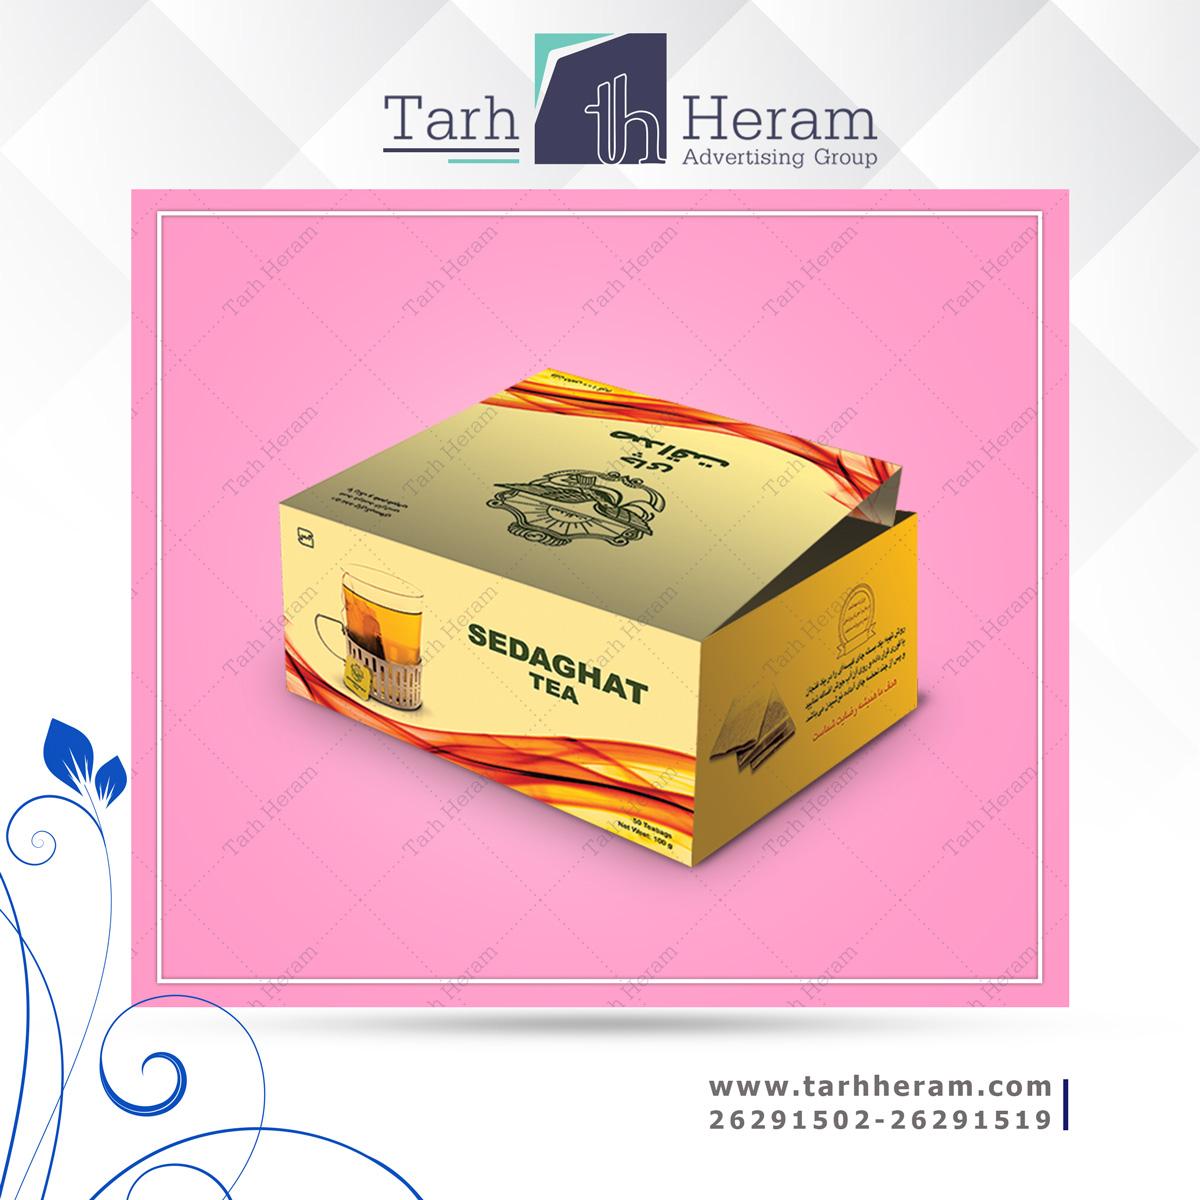 طراحی جعبه شرکت چای صداقت